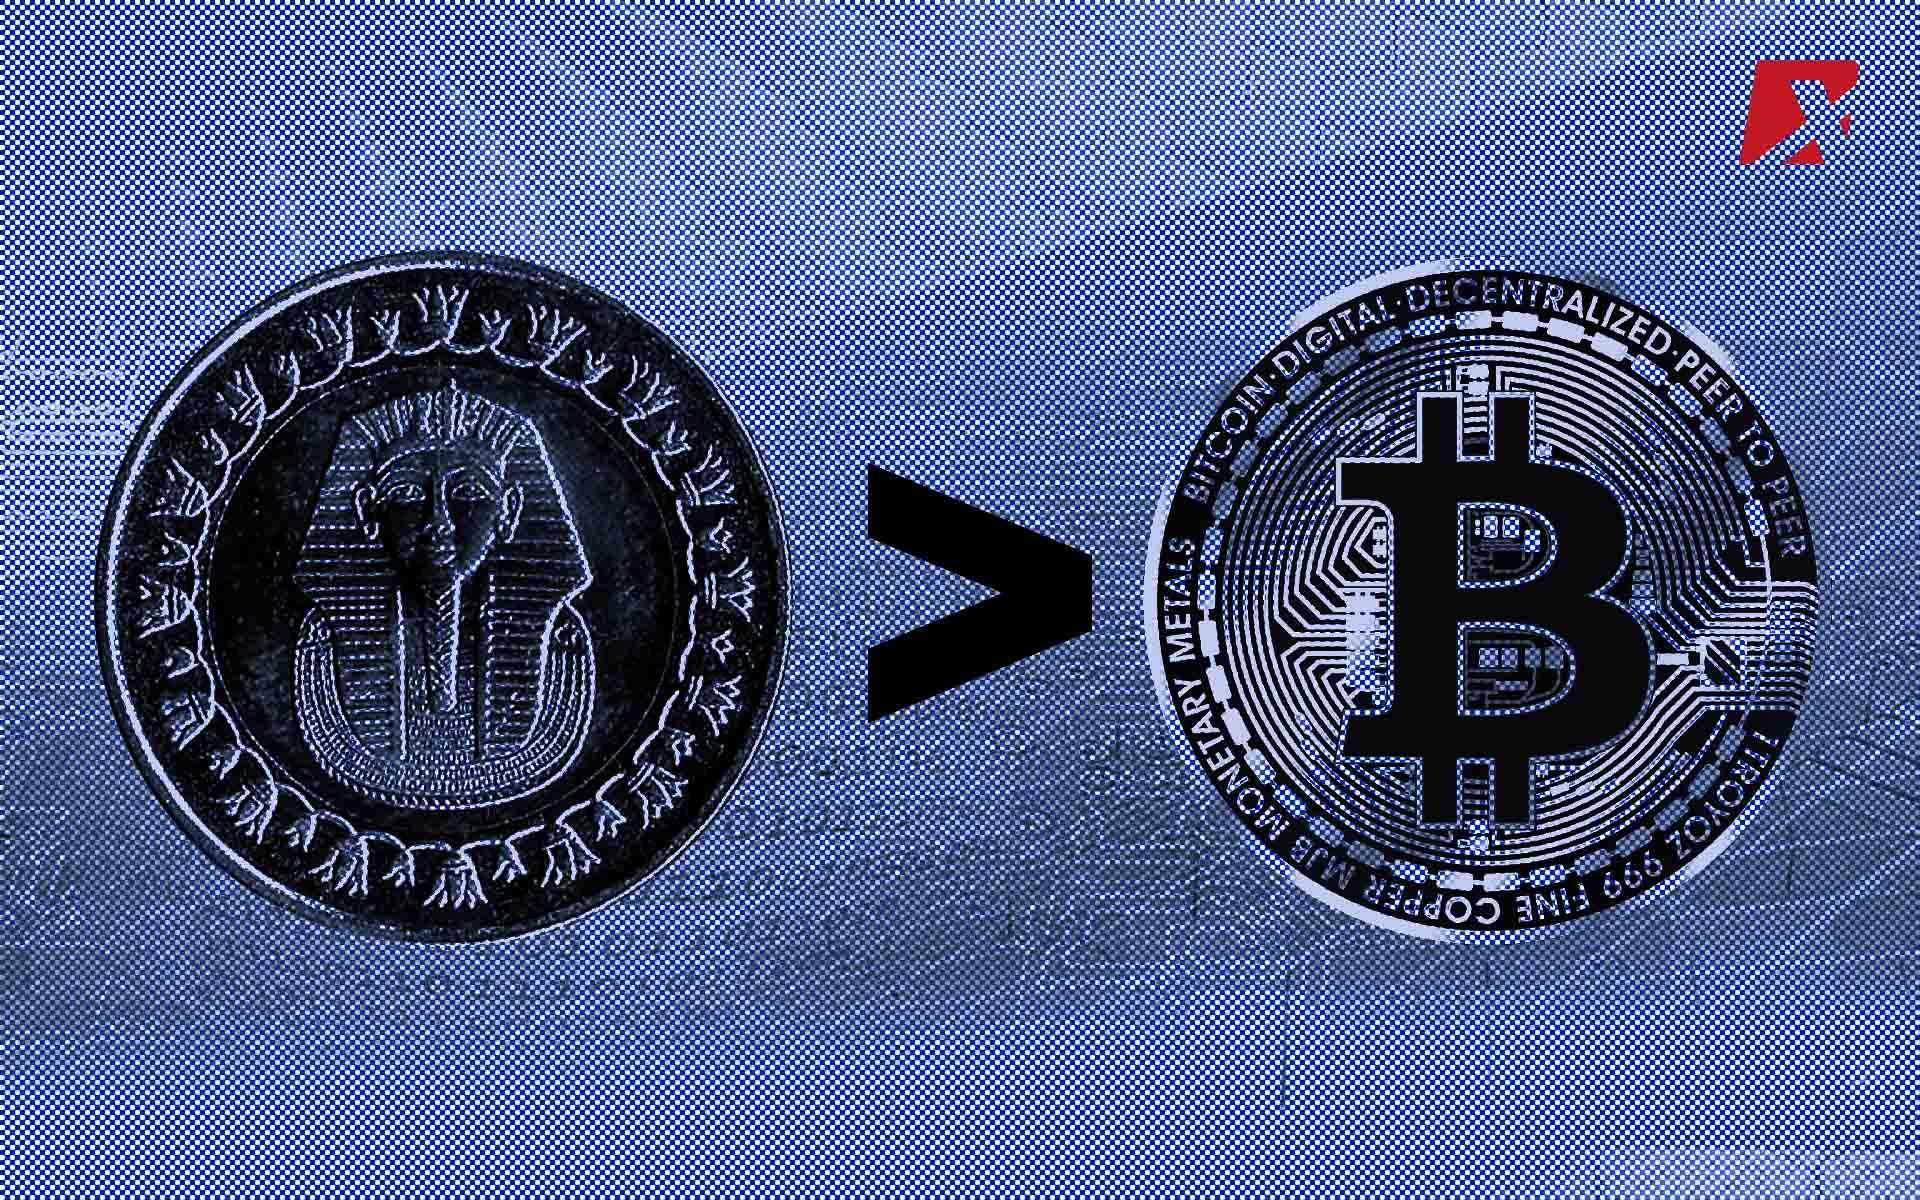 Egyptian Pound More Useful Than Cryptos Says Transferwise Ceo